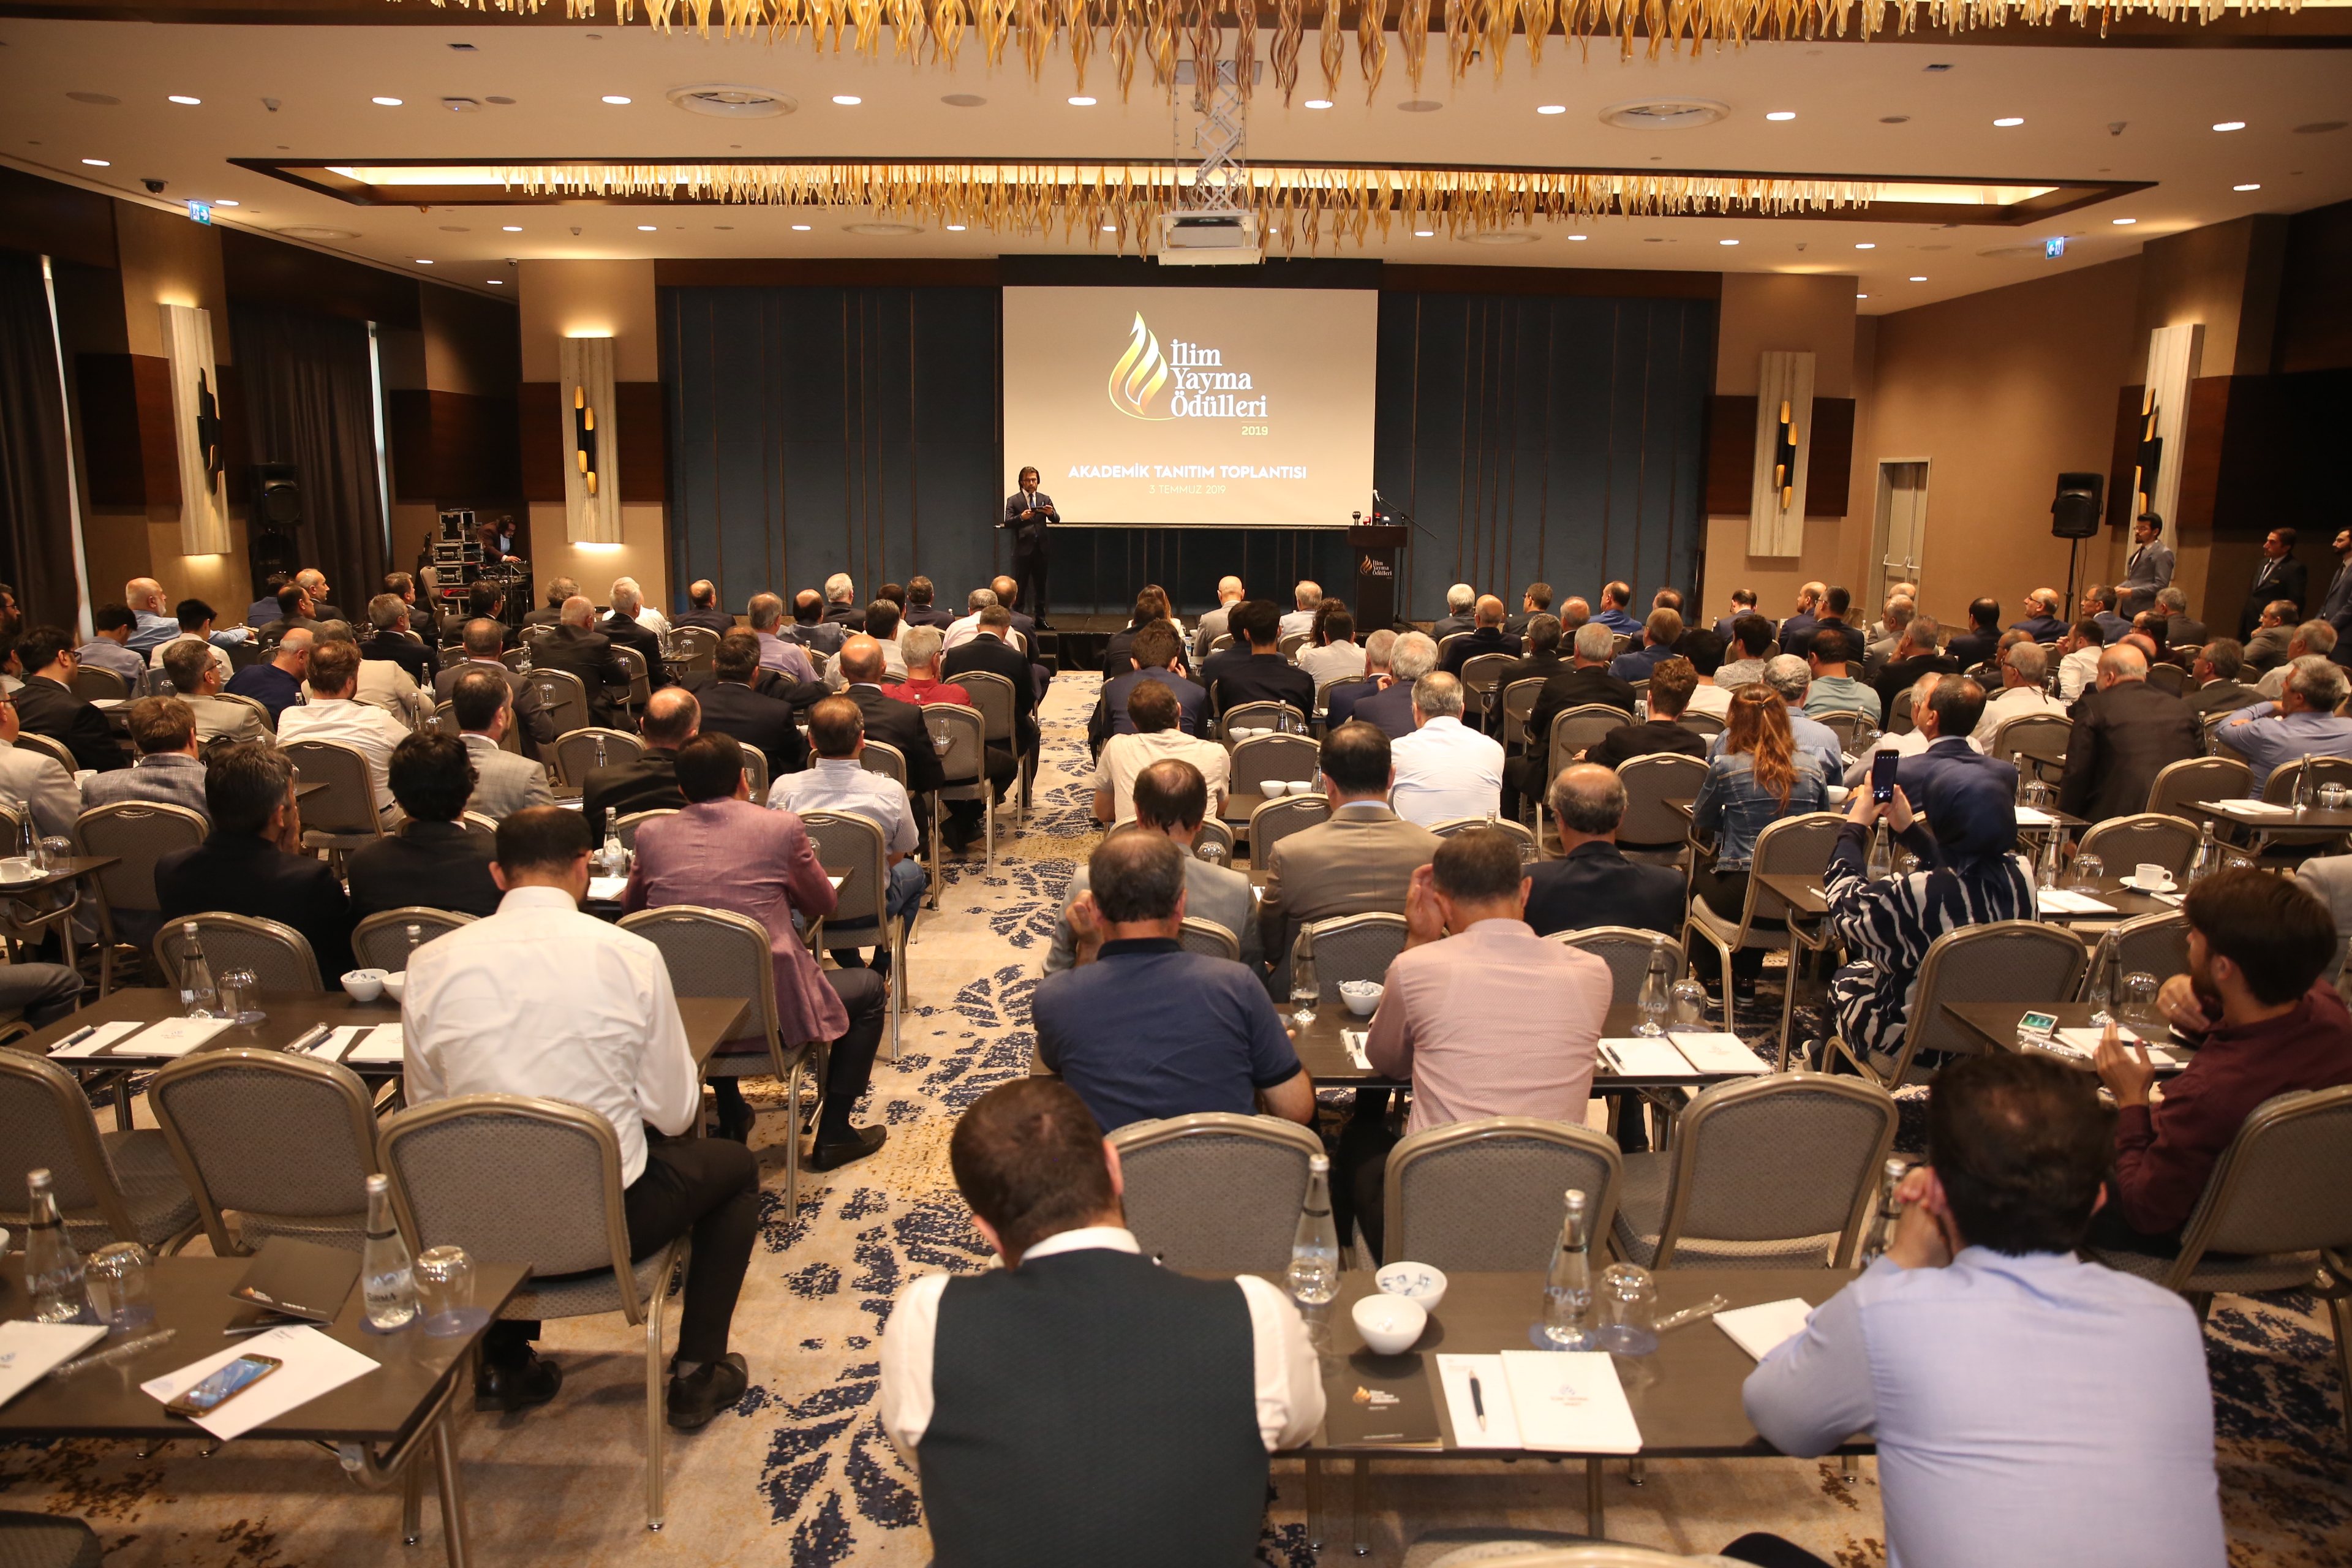 İlim Yayma Ödülleri Akademik Tanıtım Toplantısı Gerçekleştirildi - Haberler - İlim Yayma Vakfı, İYV